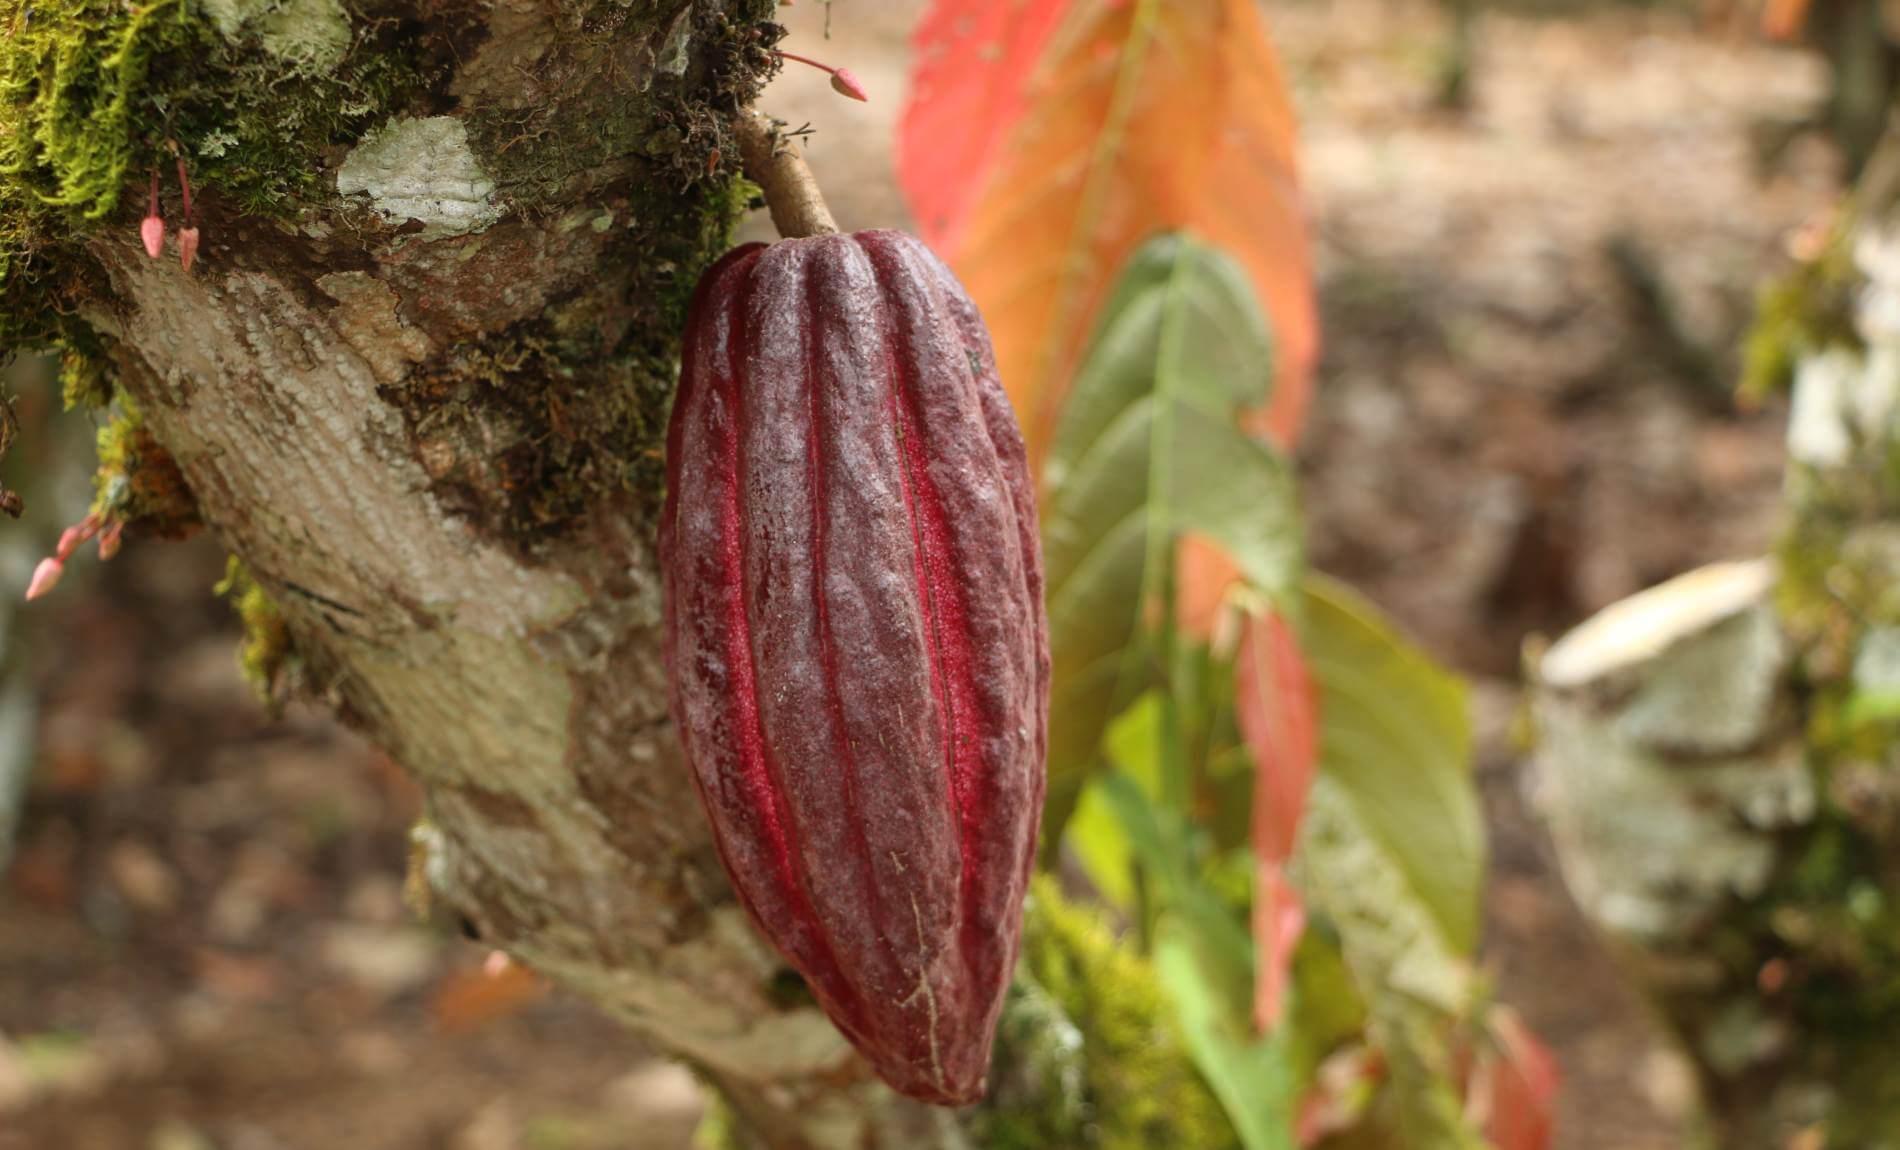 Rot Braune Kakaofruch auf einem Kakaobaum